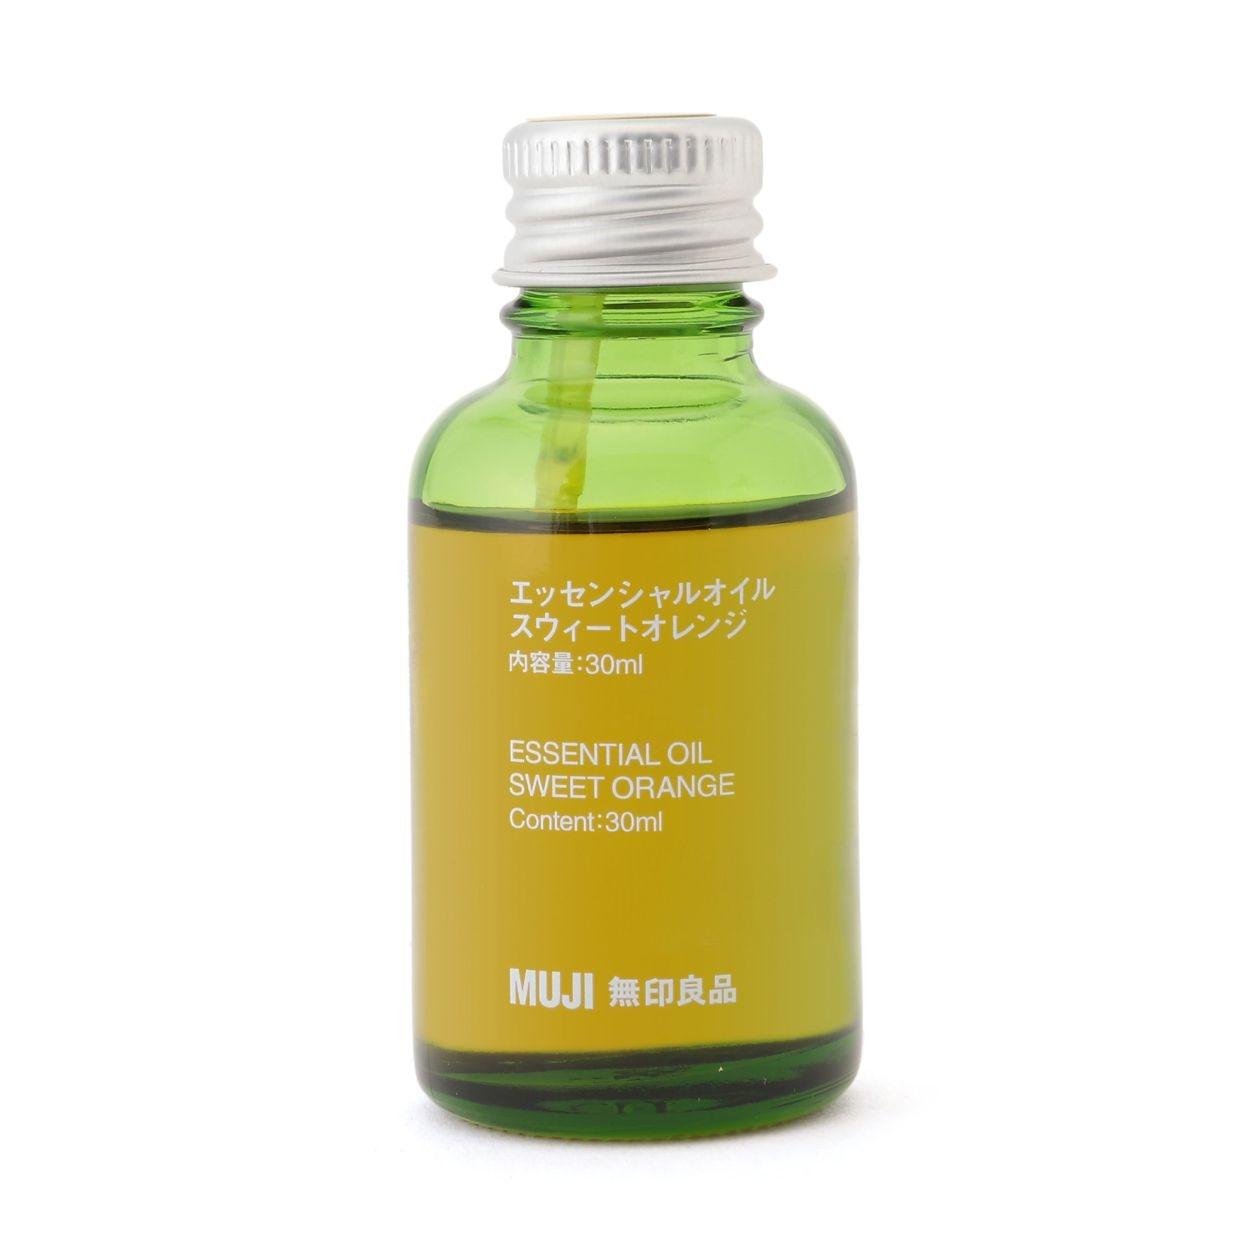 【まとめ買い】エッセンシャルオイル・スウィートオレンジ